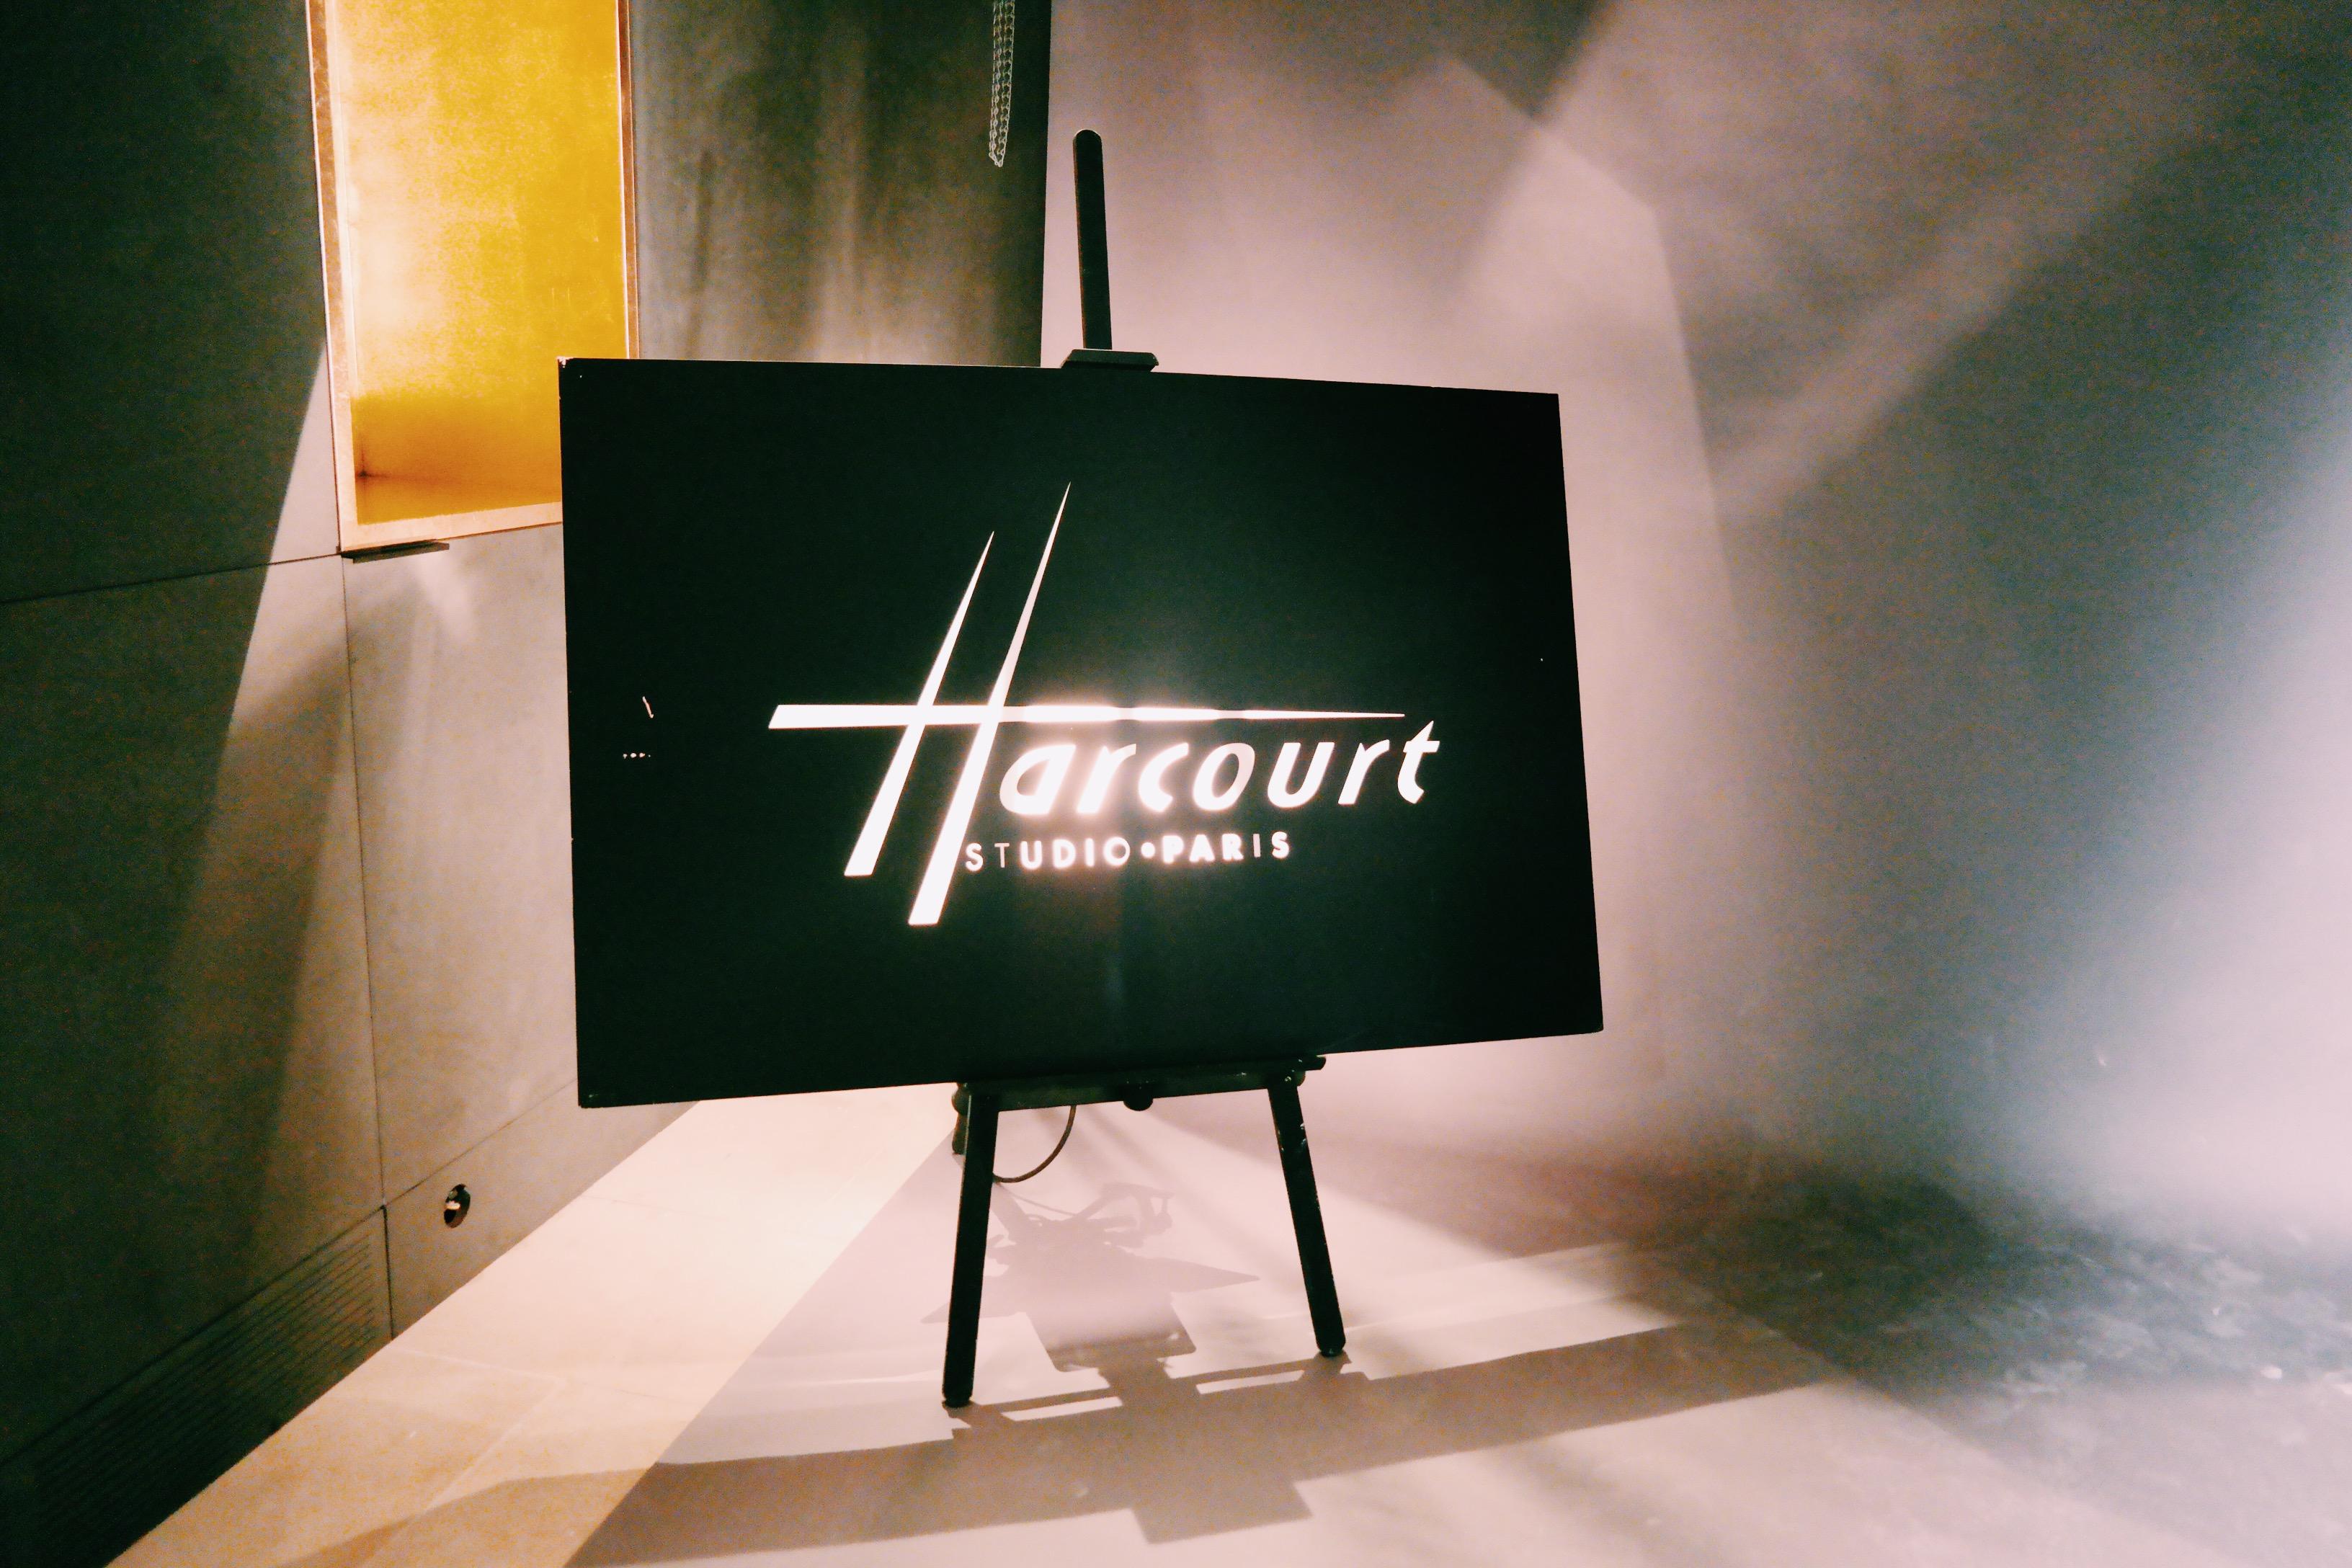 Studio-Harcourt-enseigne-lumineuse-intérieur-loge-maquillage-hôtel-particulier-rue-de-Lota-paris-16e-portrait-star-cinéma-photo-usofparis-blog